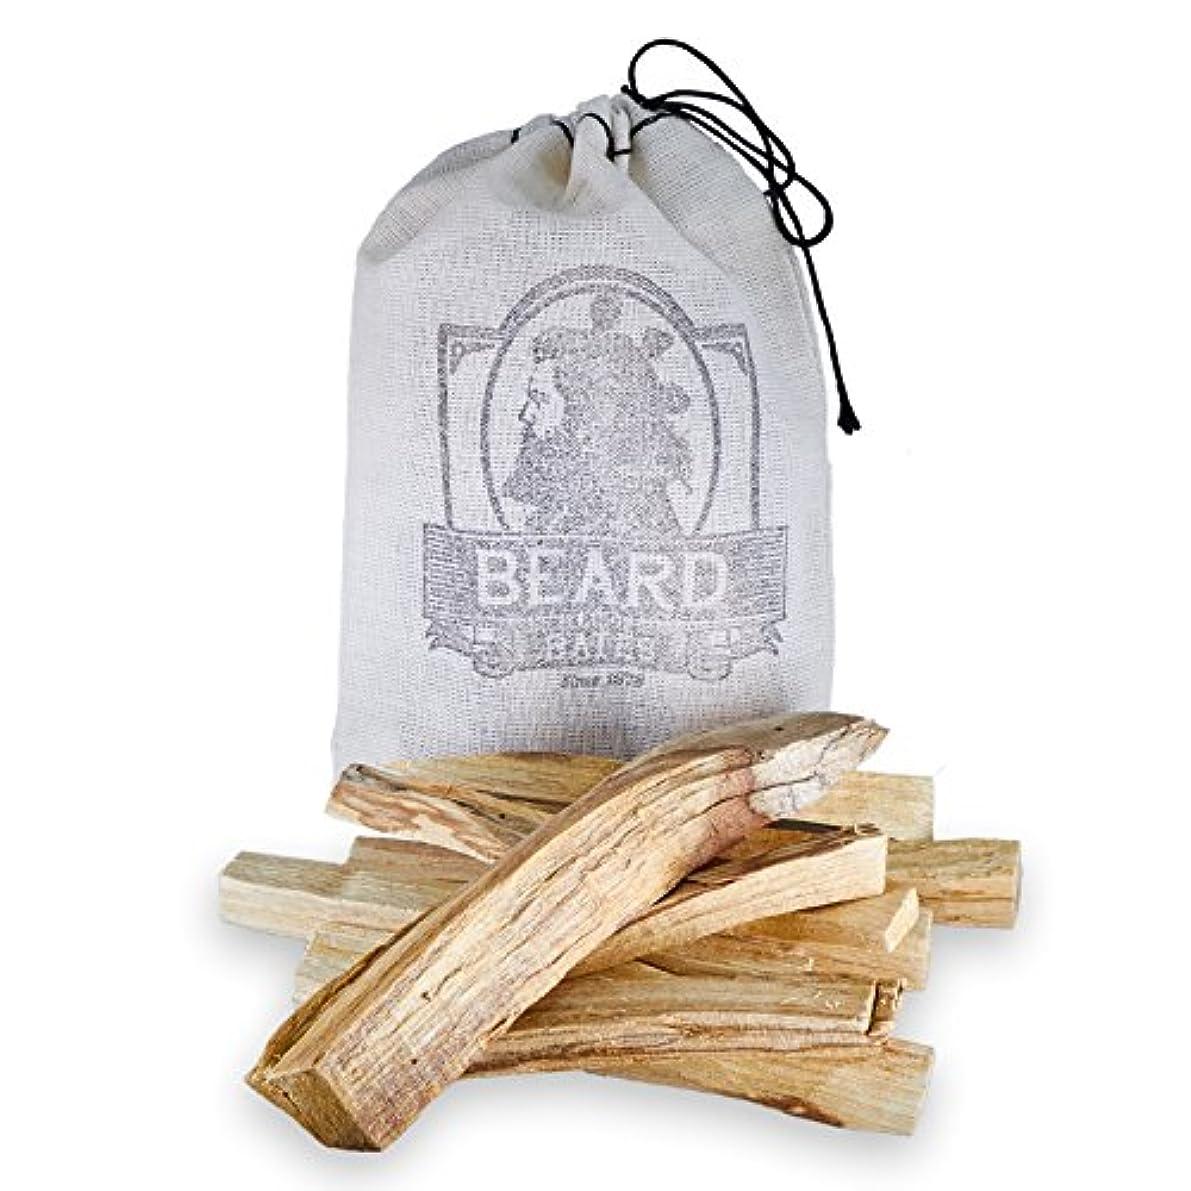 はっきりしないマージ恐ろしいですBeard & Bates | Palo Santo – Extra Large、Handcut、Sustainably Wild Harvested Incense Sticks for瞑想、クレンジング、Stress...